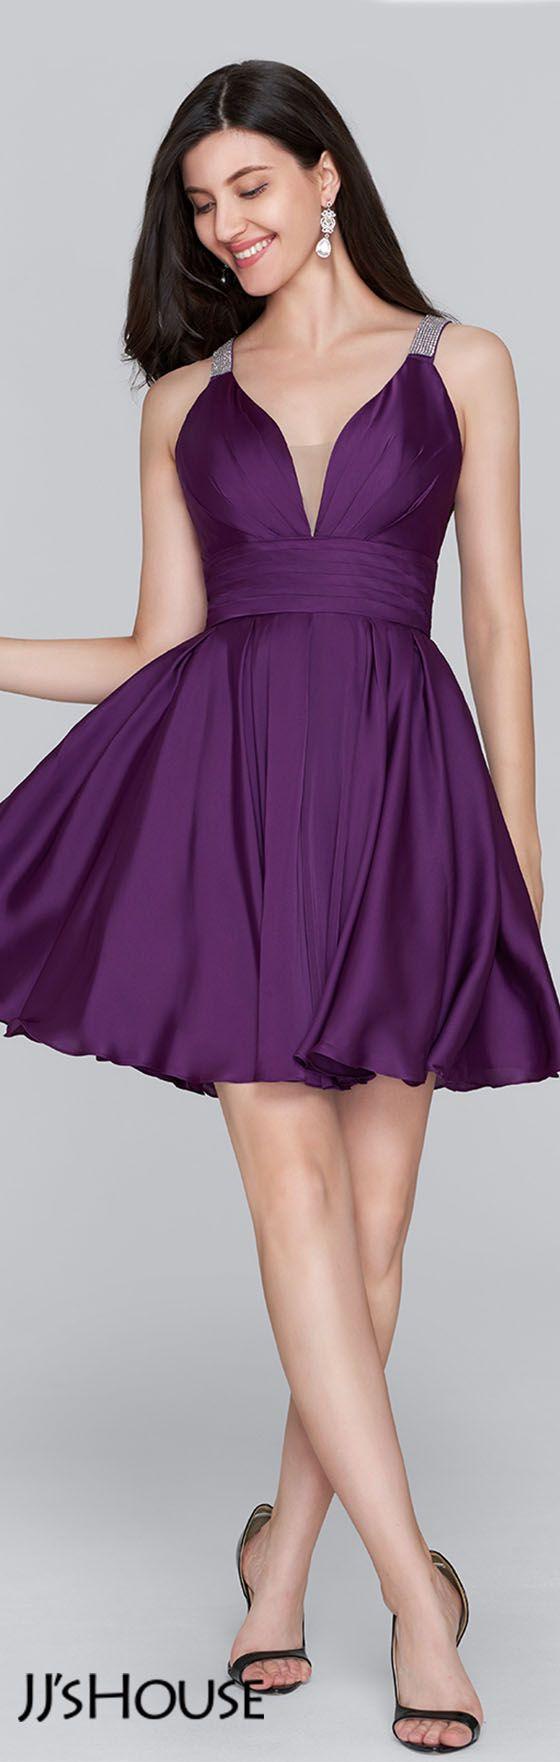 Mejores 304 imágenes de JJsHouse Homecoming Dresses en Pinterest ...